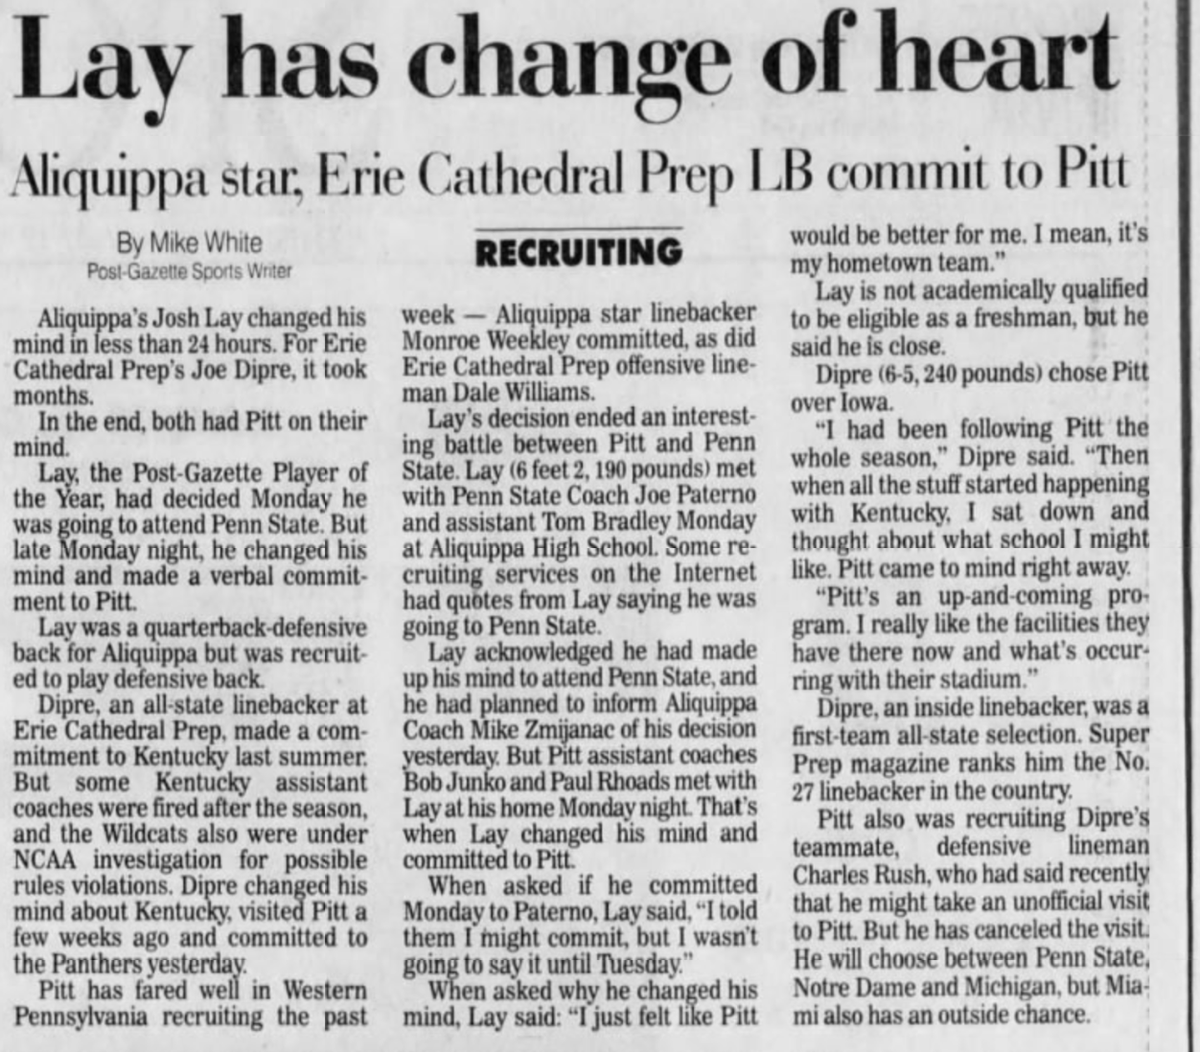 20 years ago (1/24/01): Aliquippa's Josh Lay commits to #Pitt. #H2P